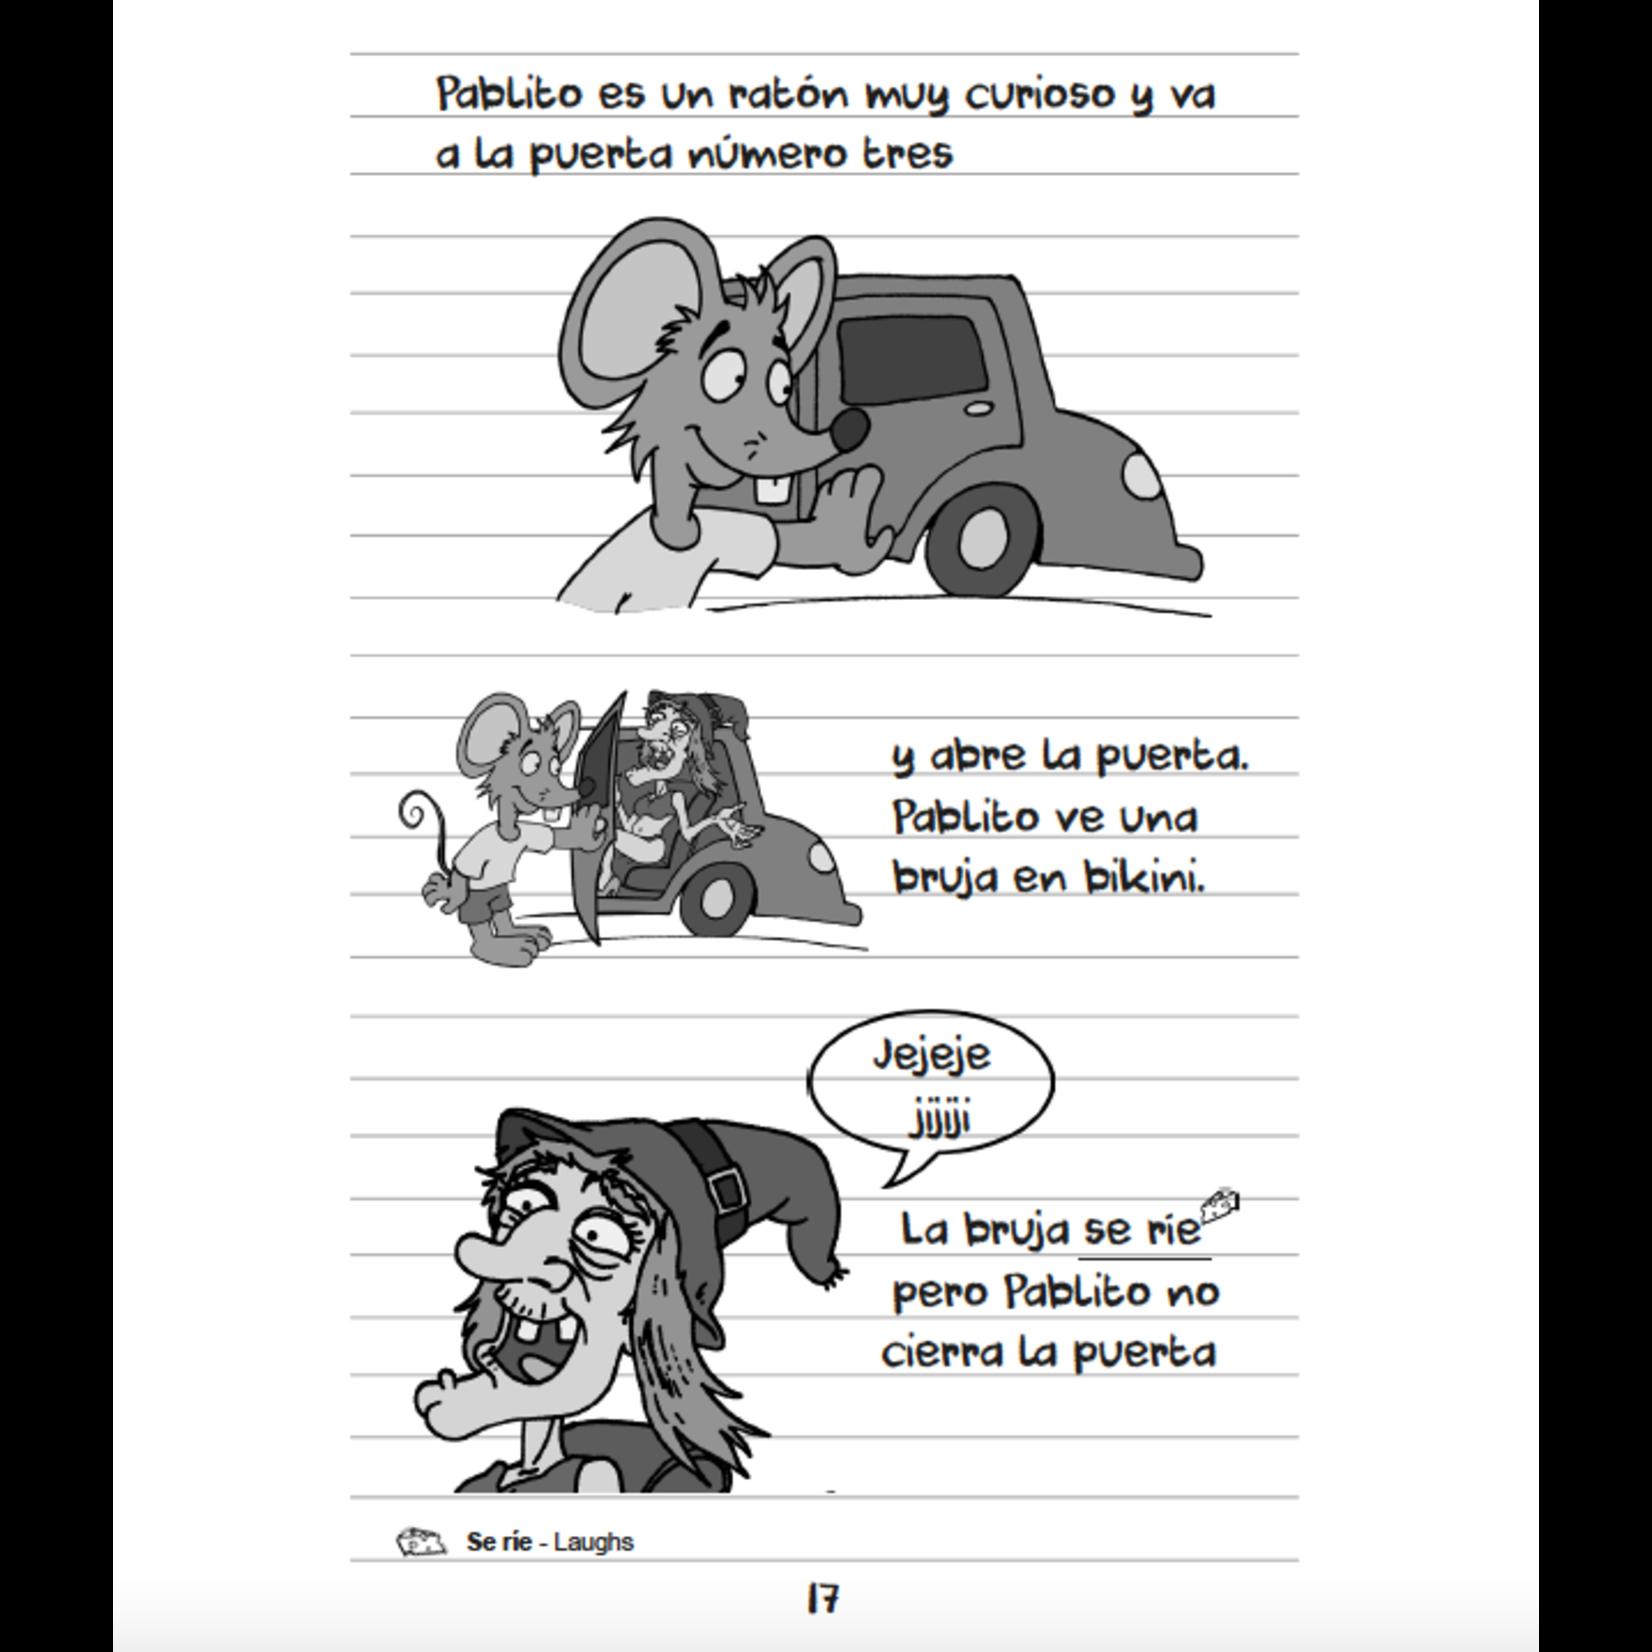 Spanish Cuentos El ratón Pablito